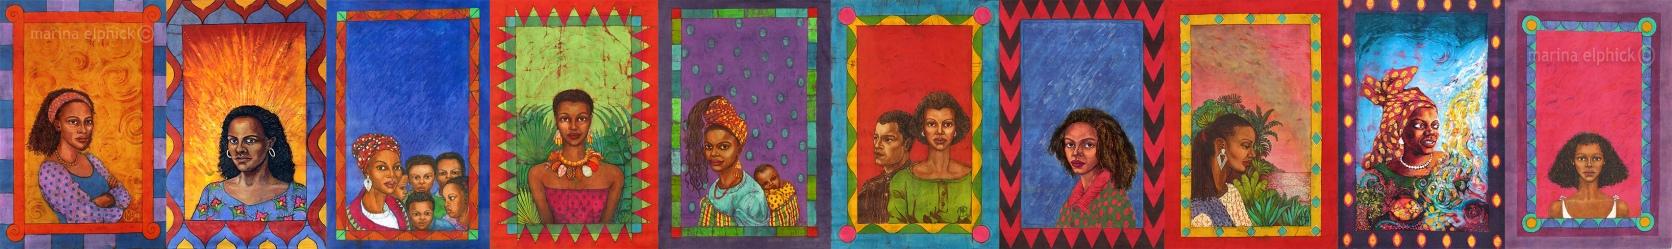 All artwork for Buchi Emecheta's books, by Marina Elphick, UK's leading batik artist.